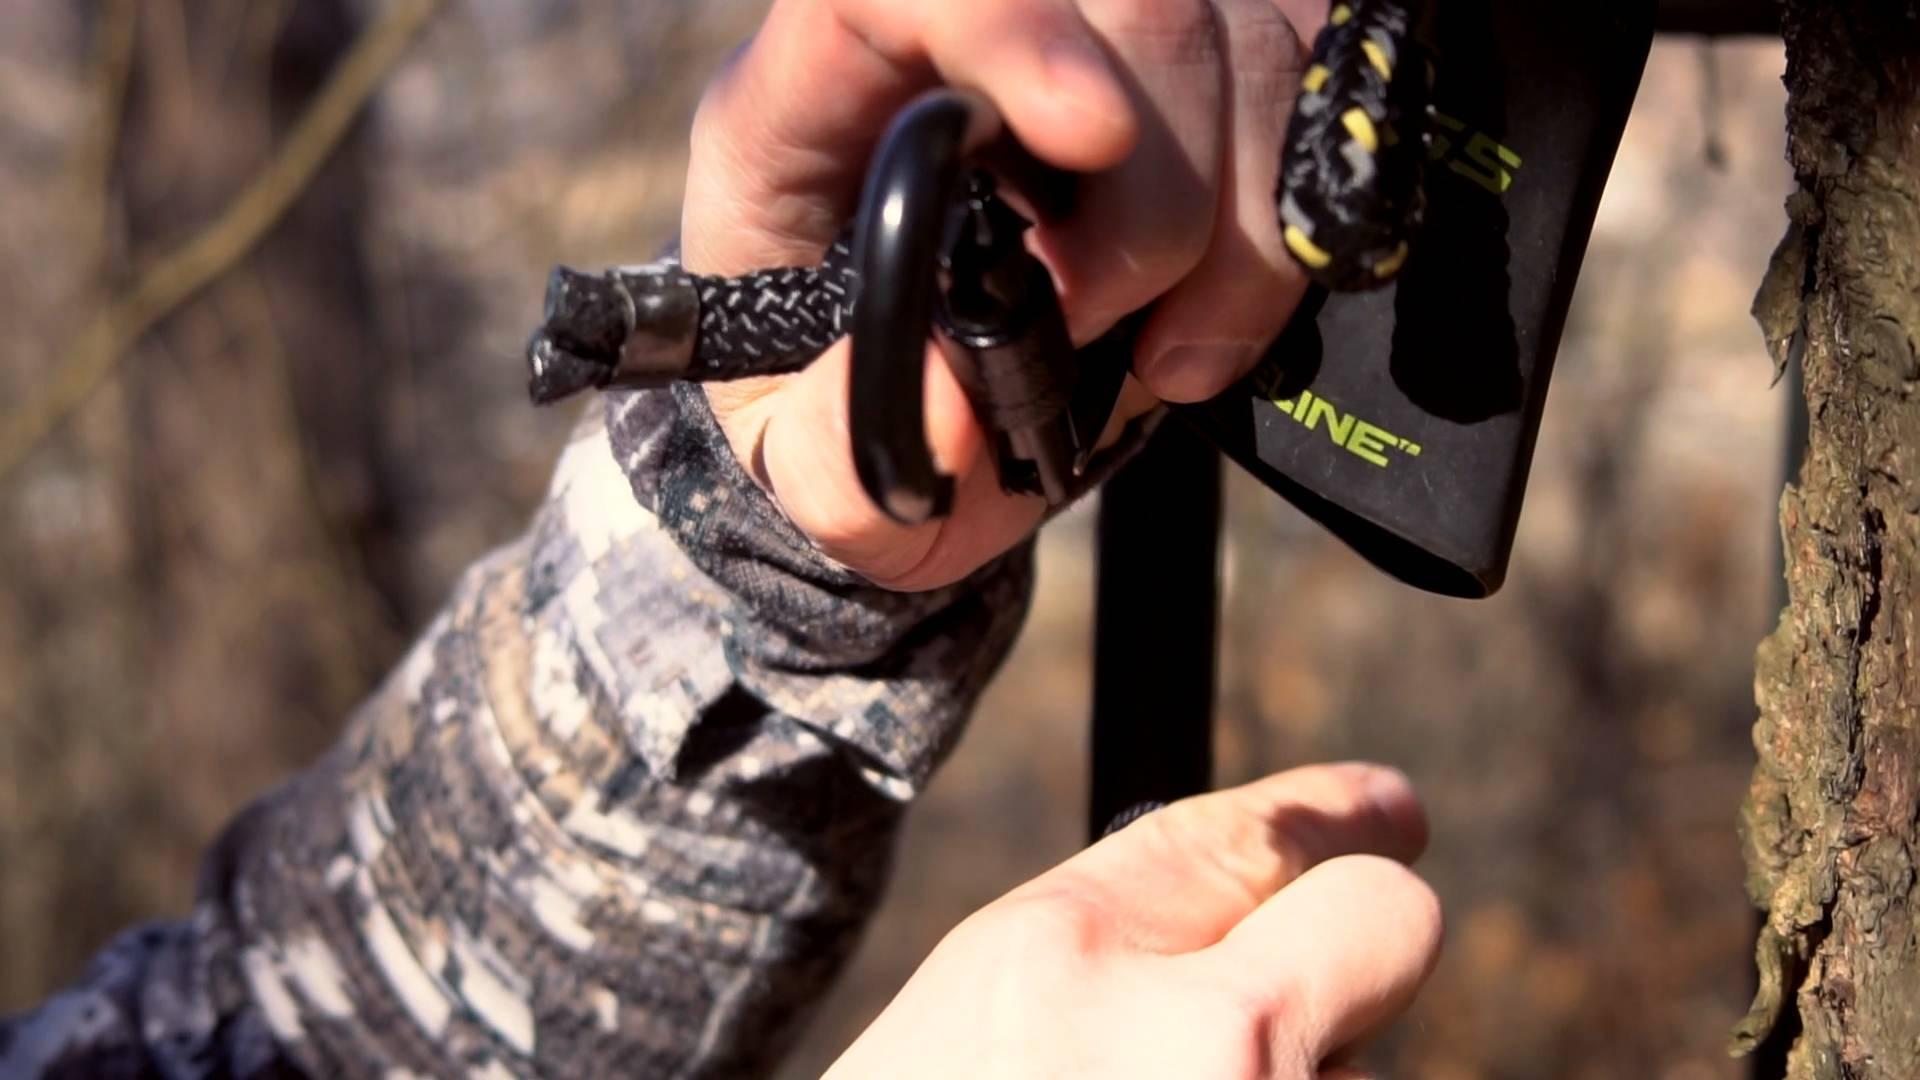 Hunter Safety System Hanger Harness